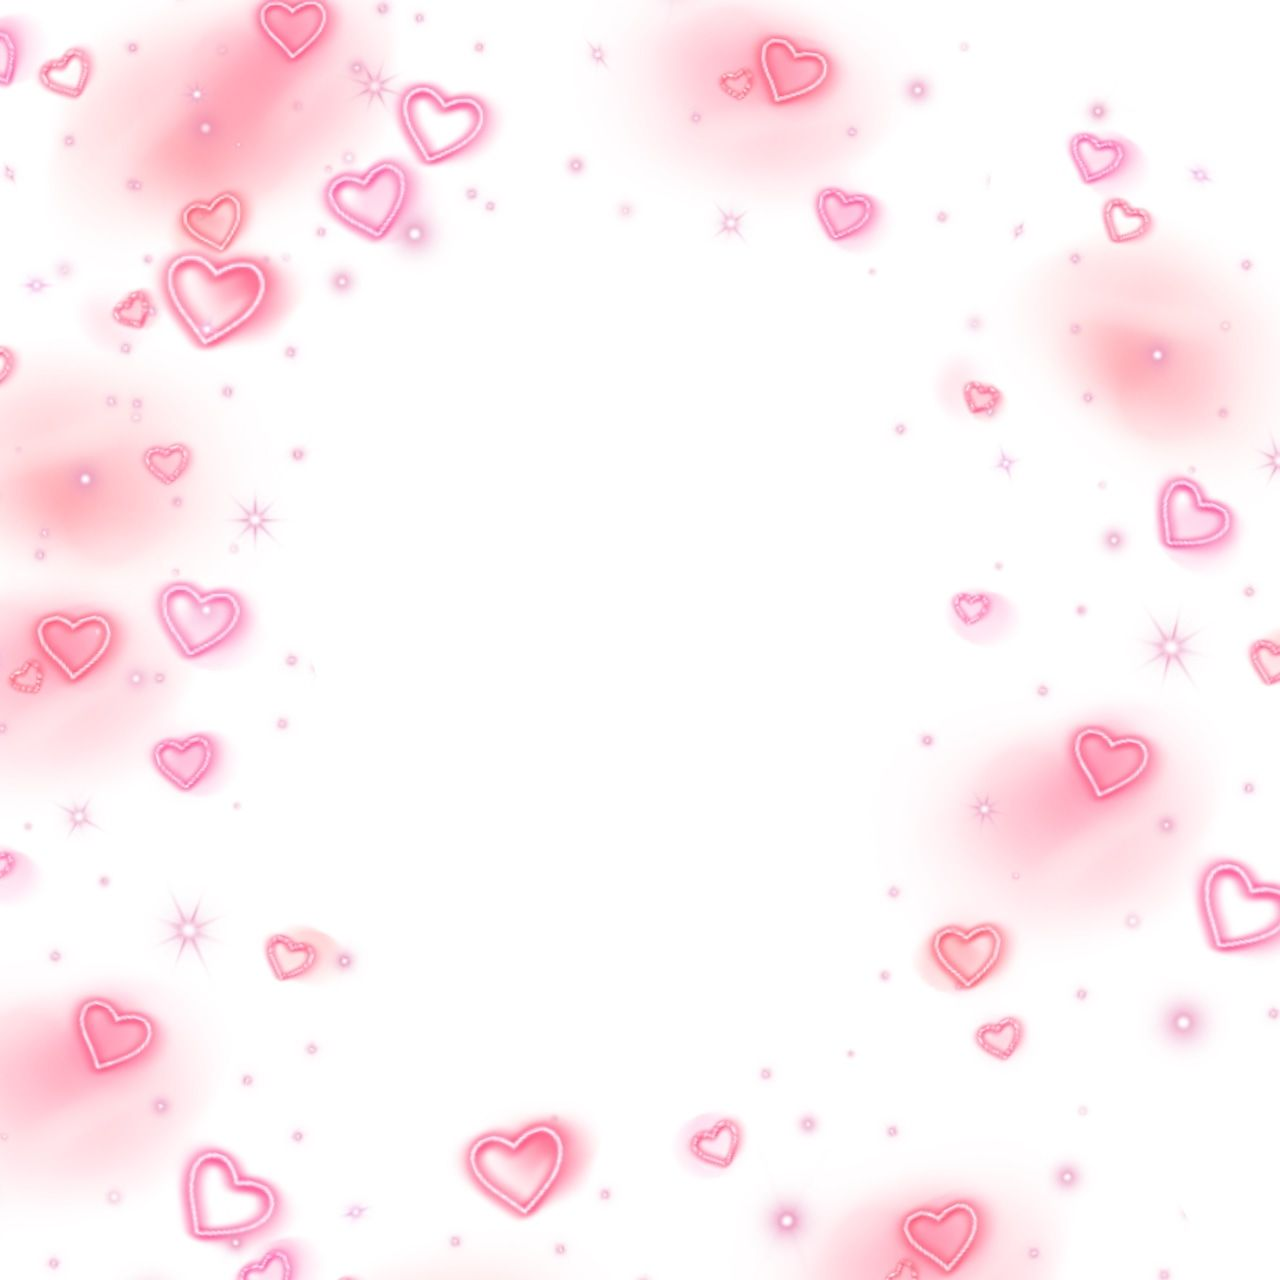 Imagem Descoberto Por Lia Descubra E Salve Suas Proprias Imagens E Videos No We Heart It Overlays Tumblr Overlays Picsart Overlays Cute